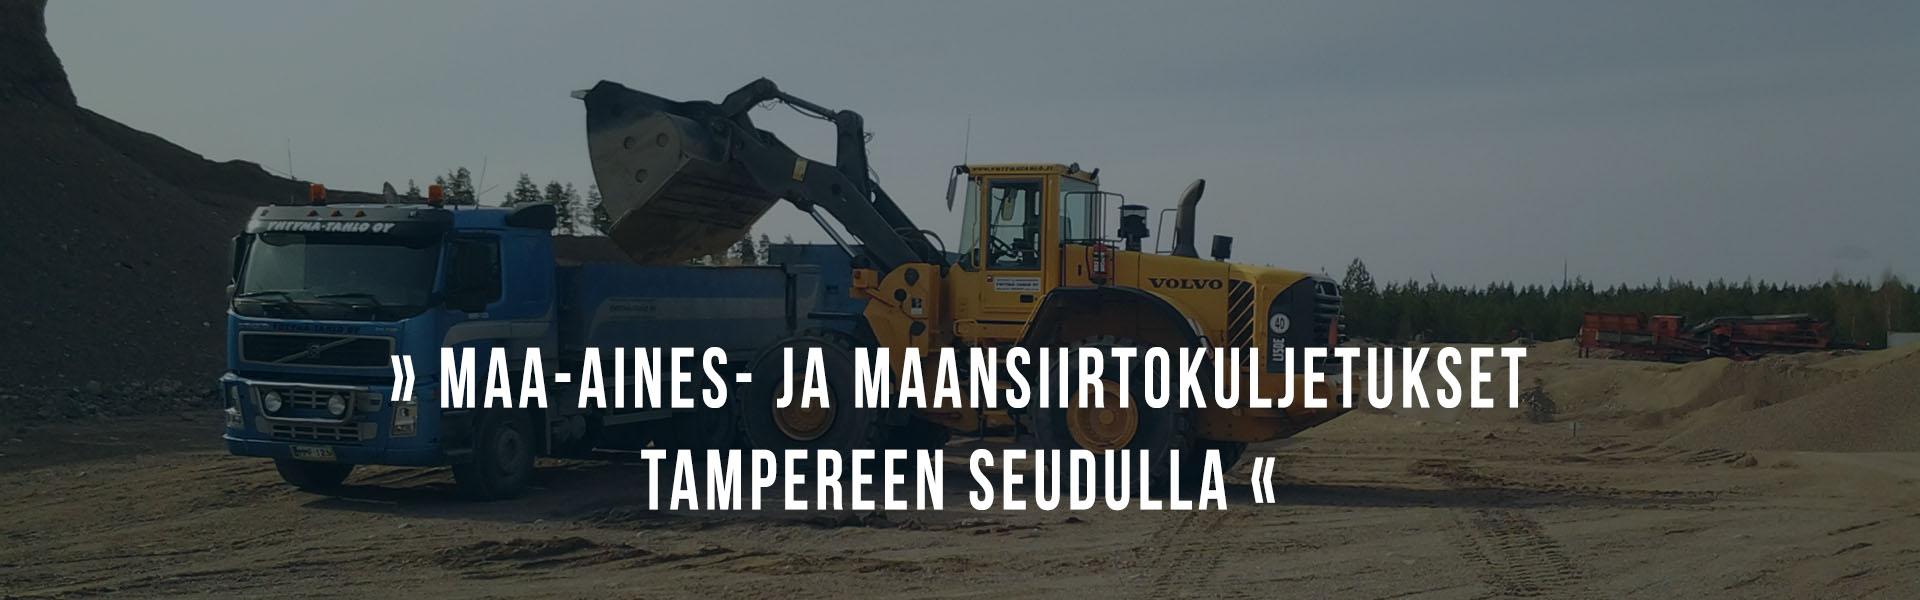 Maa-aines- ja maansiirtokuljetukset Tampereen seudulla - Yhtymä-Tahlo Oy, Ylöjärvi